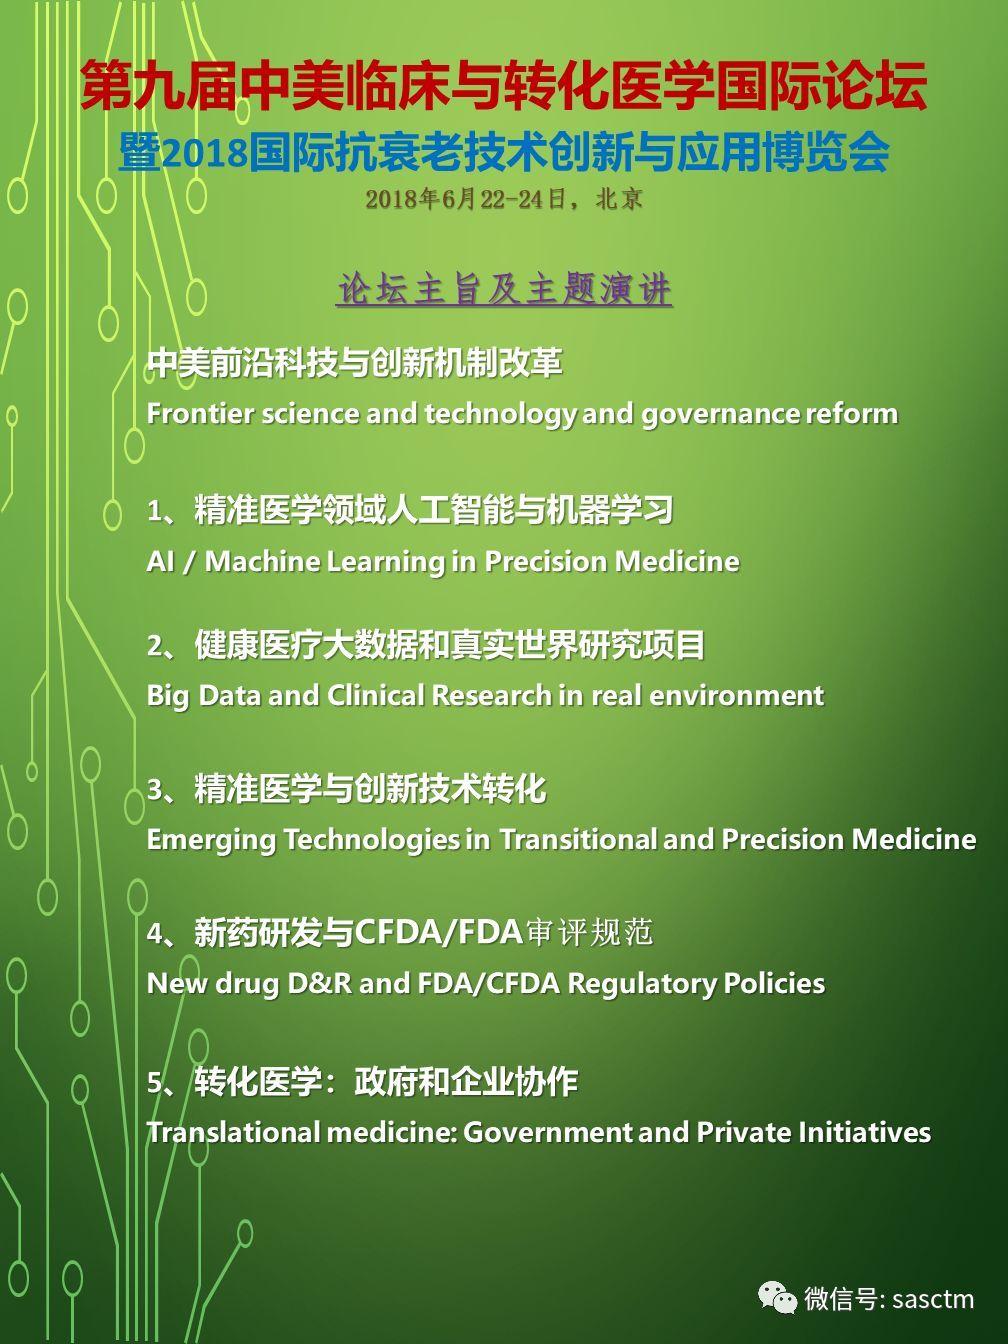 2000年美国人口_中国在长江再建新工程,每年净收益2000亿,美国人又着急了